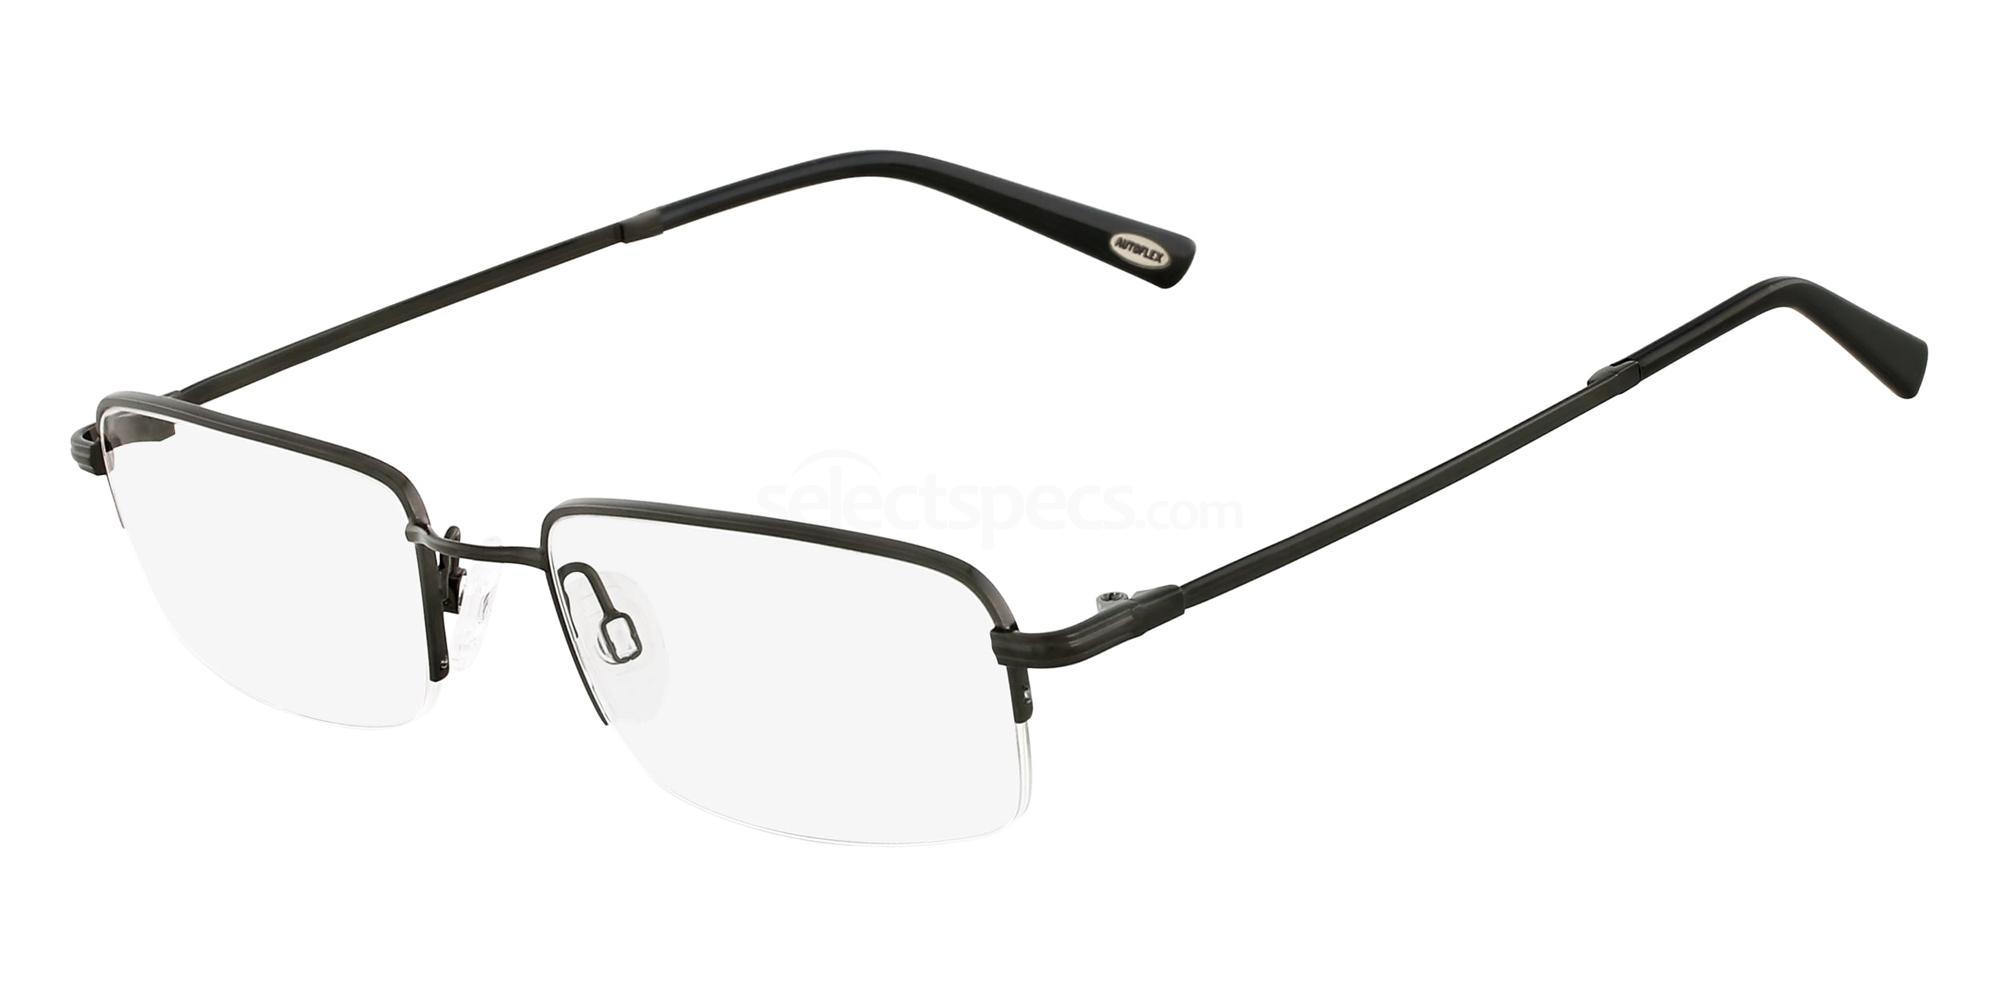 001 AUTOFLEX BULLDOG Glasses, Flexon